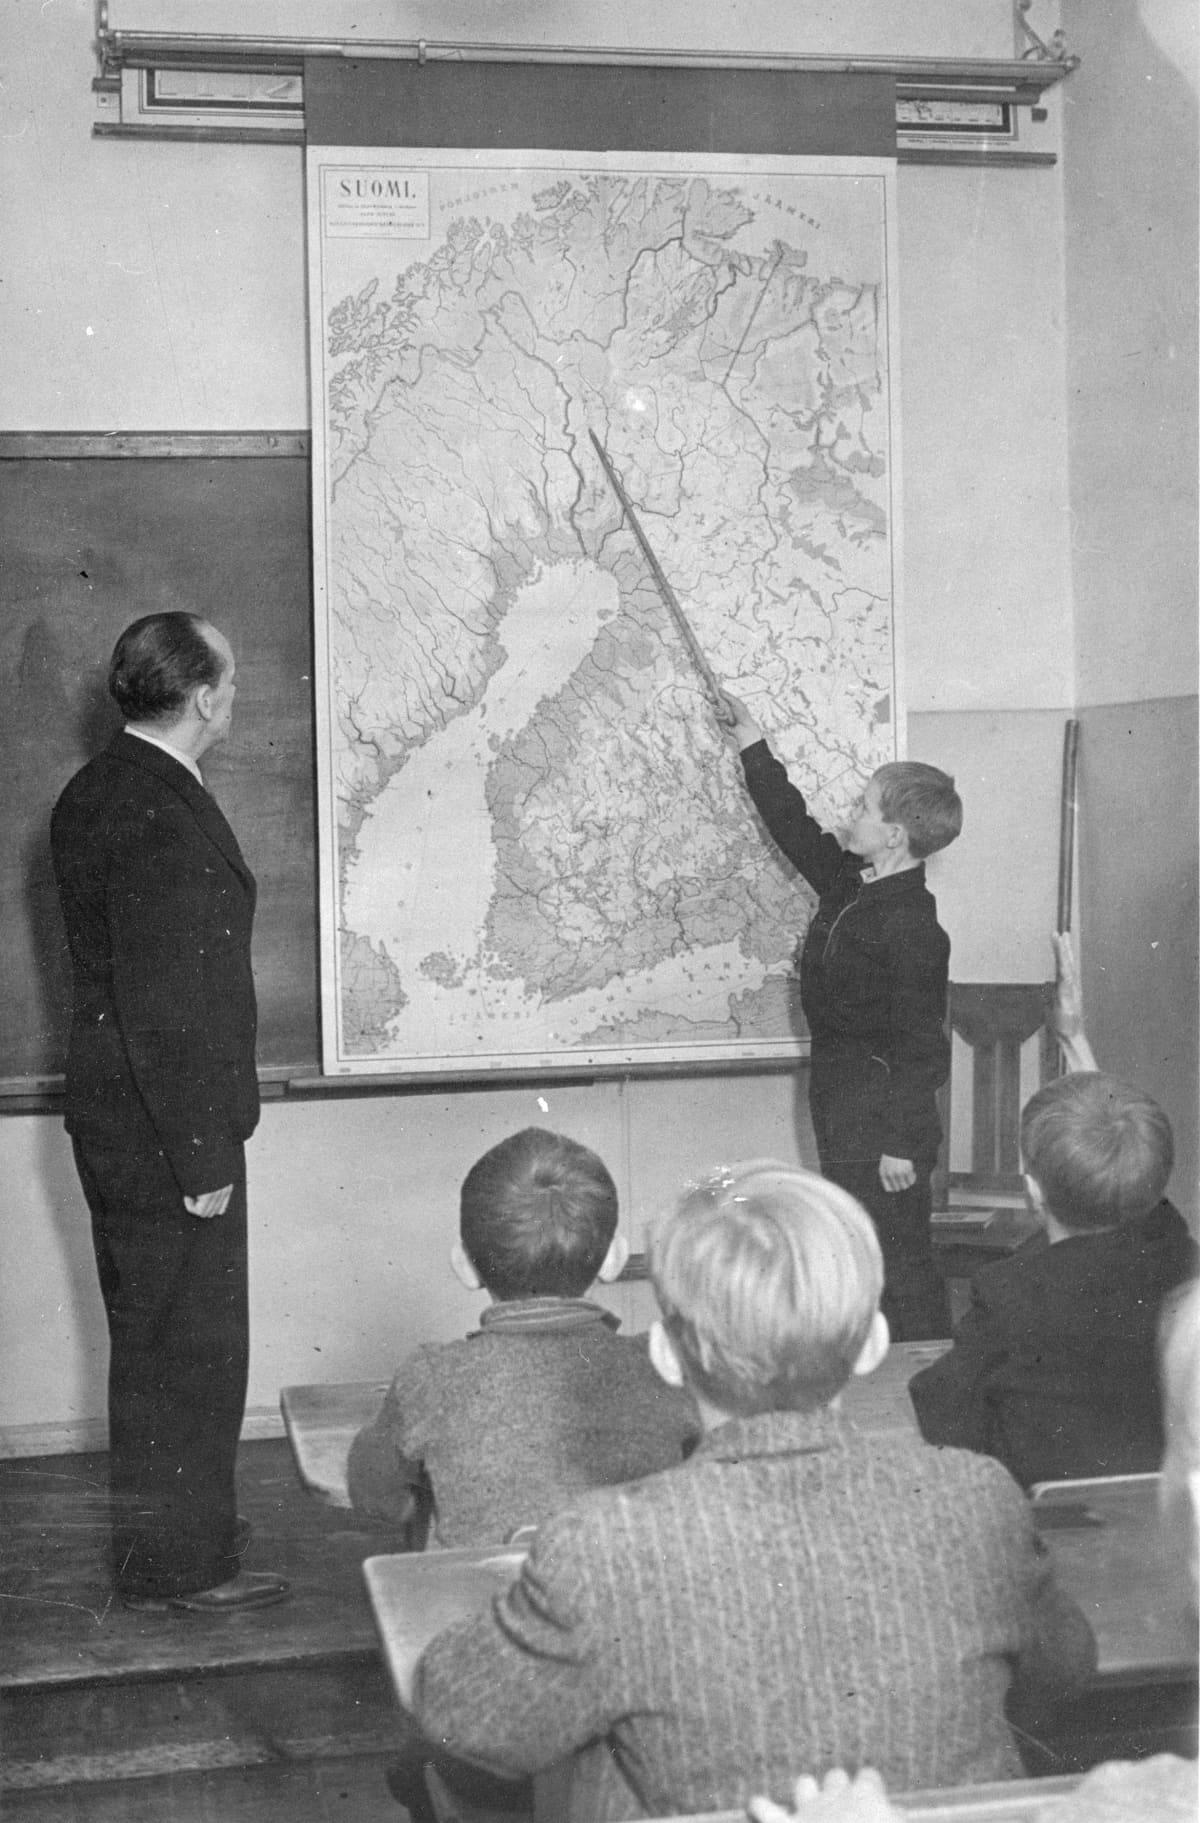 Poika näyttää karttakepillä kohtaa kartassa. Vanha mustavalkokuva.